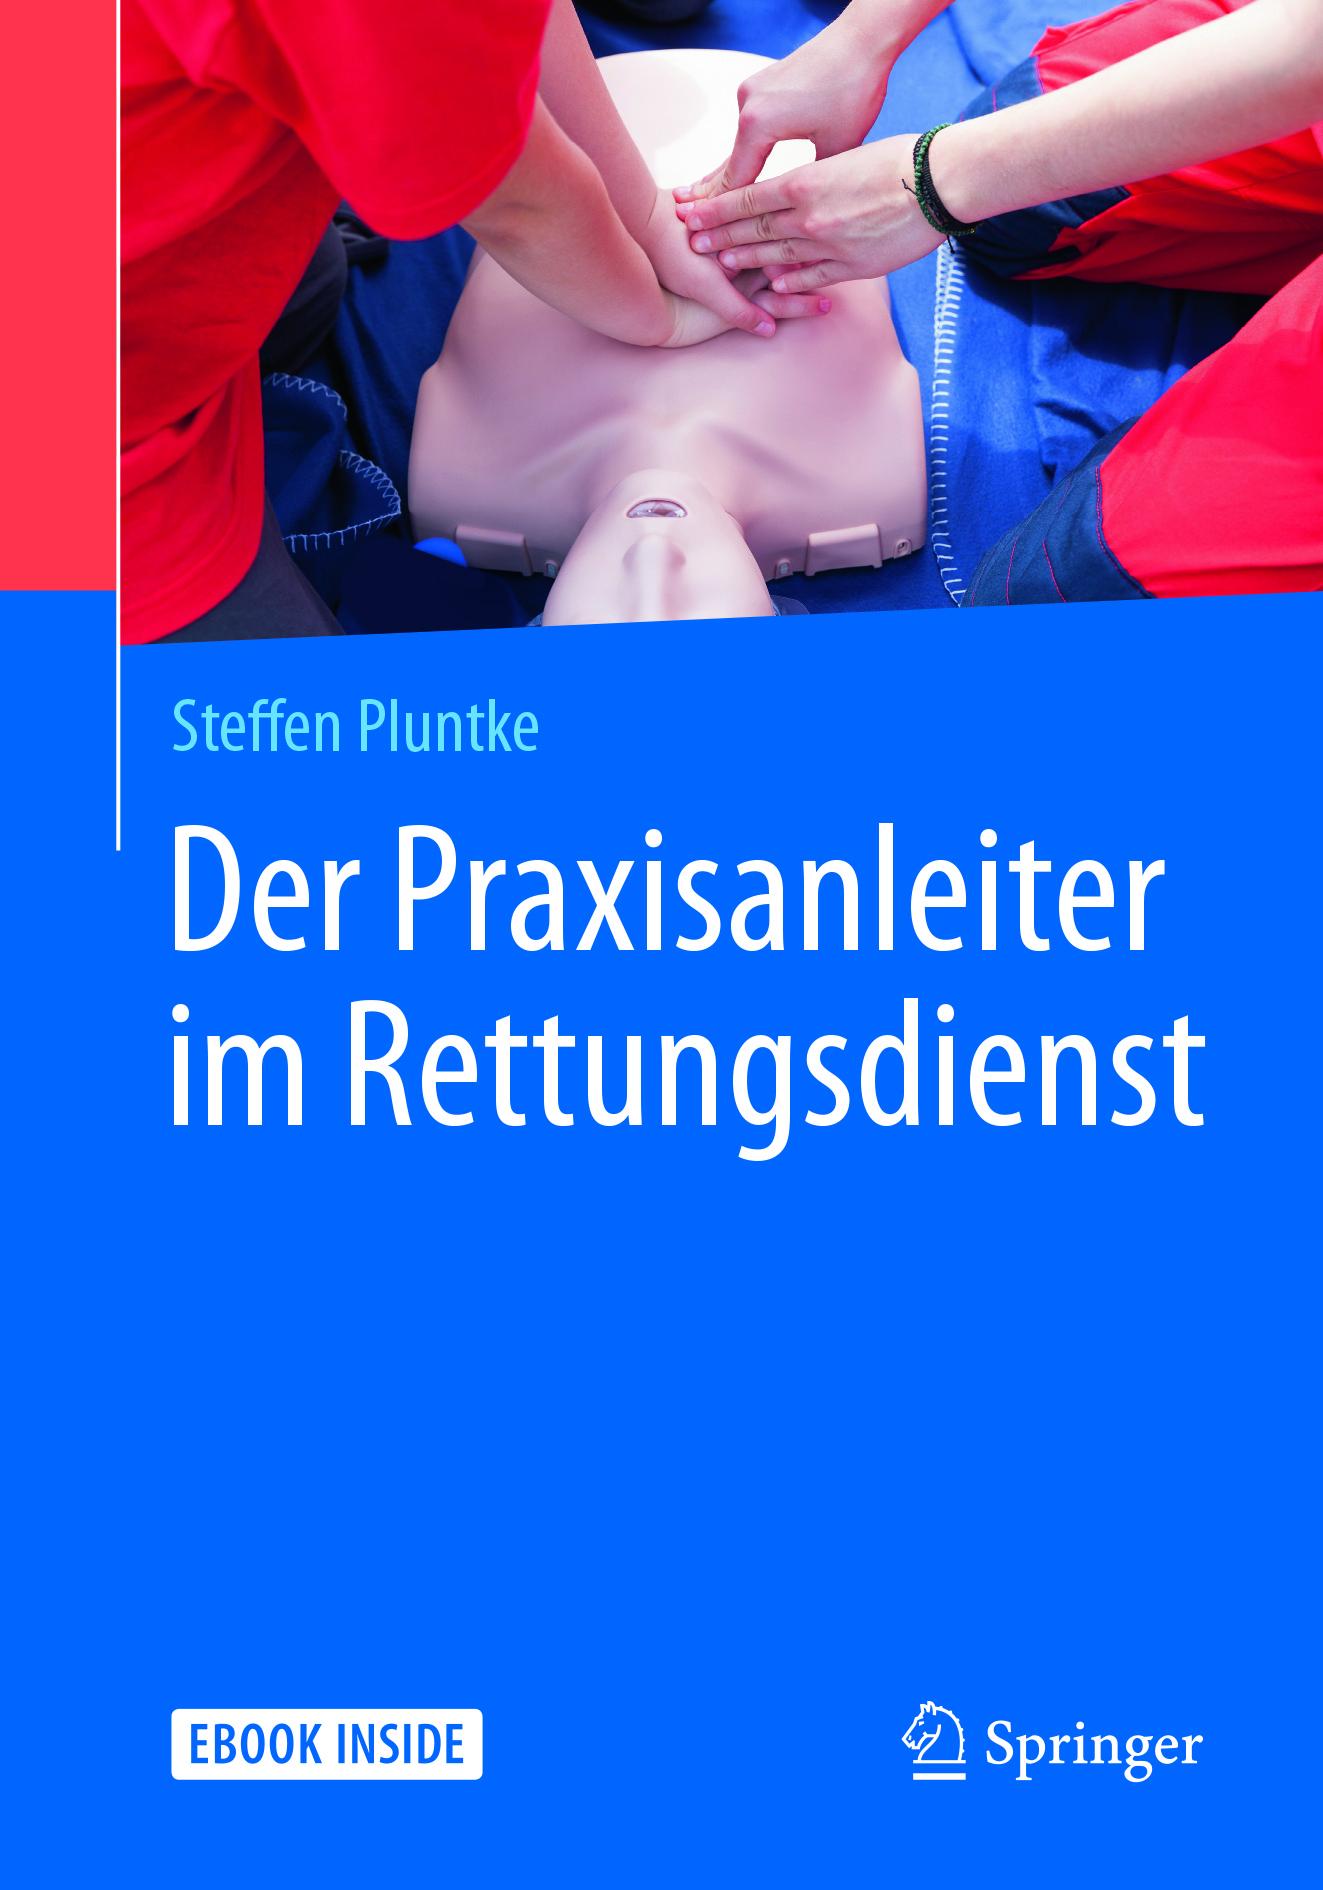 Pluntke, Steffen - Der Praxisanleiter im Rettungsdienst, ebook